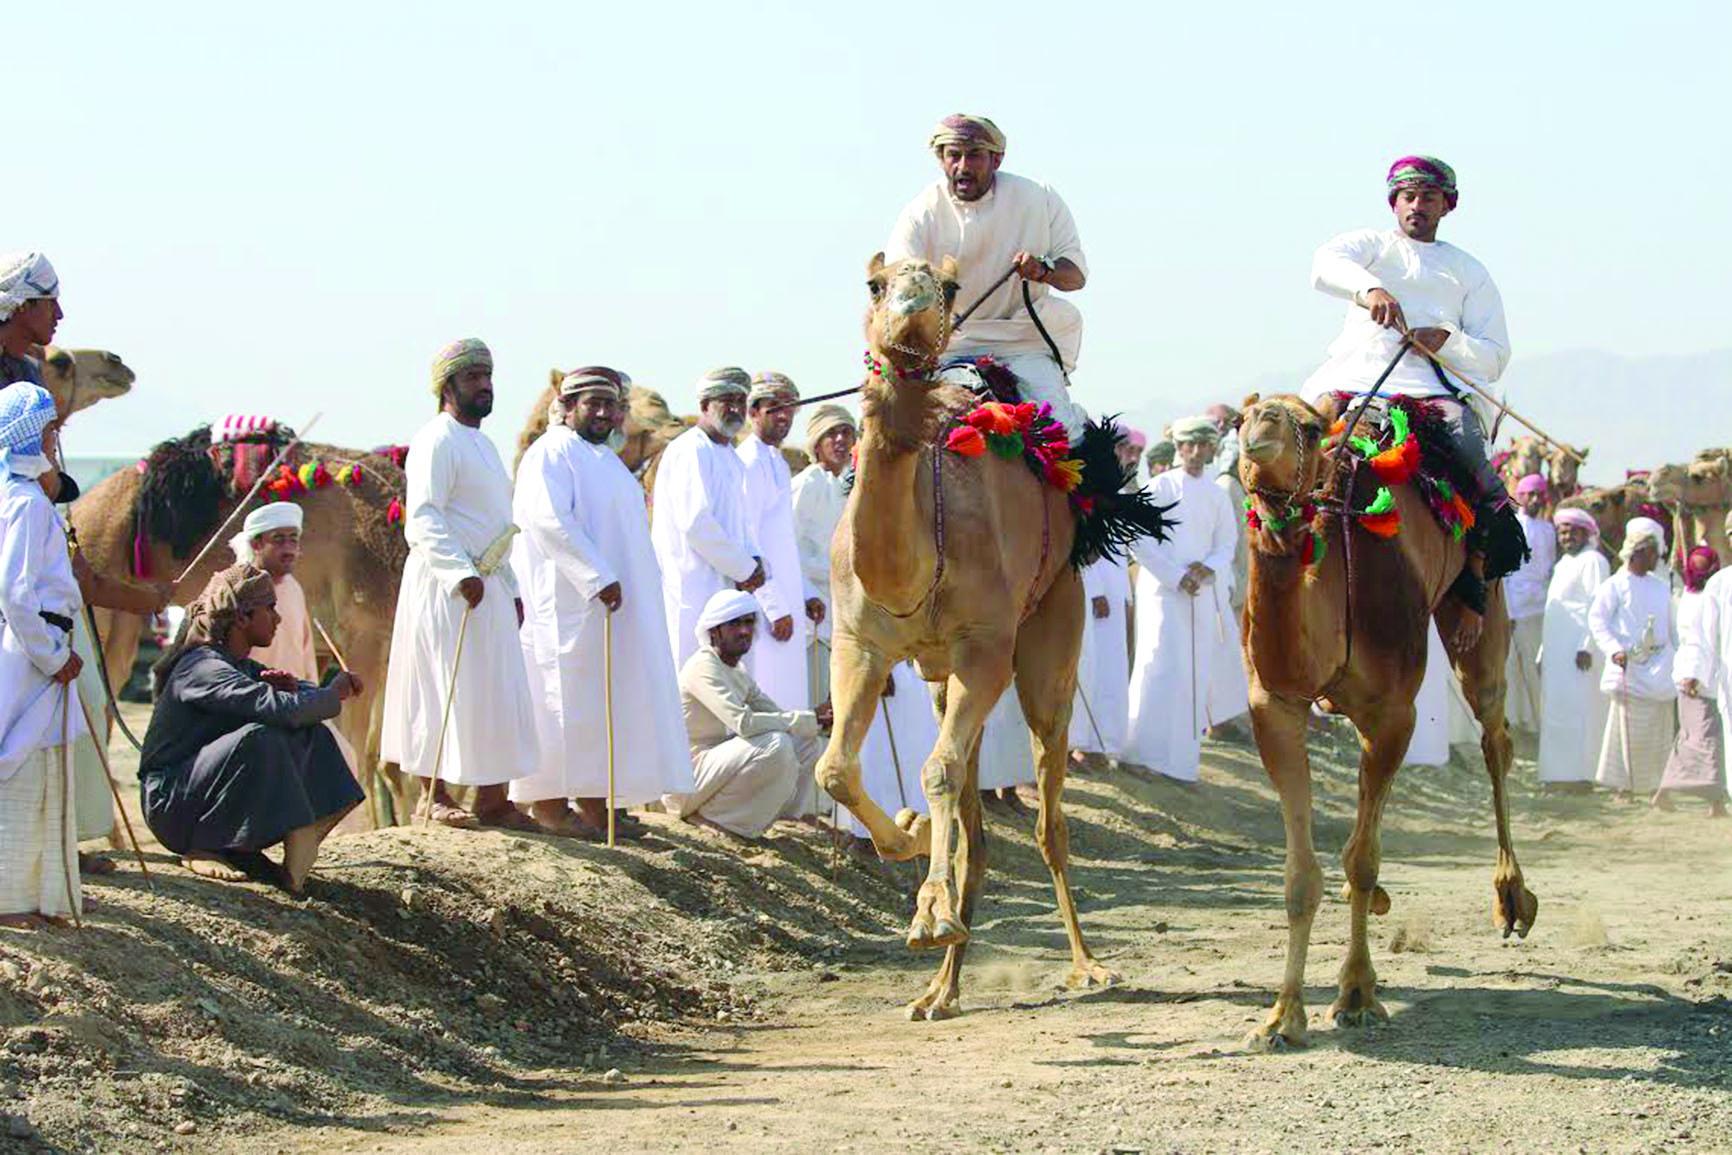 أكثر من 300 ناقة في مهرجانملتقى الأصالة للنوق العمانية الأصيلة